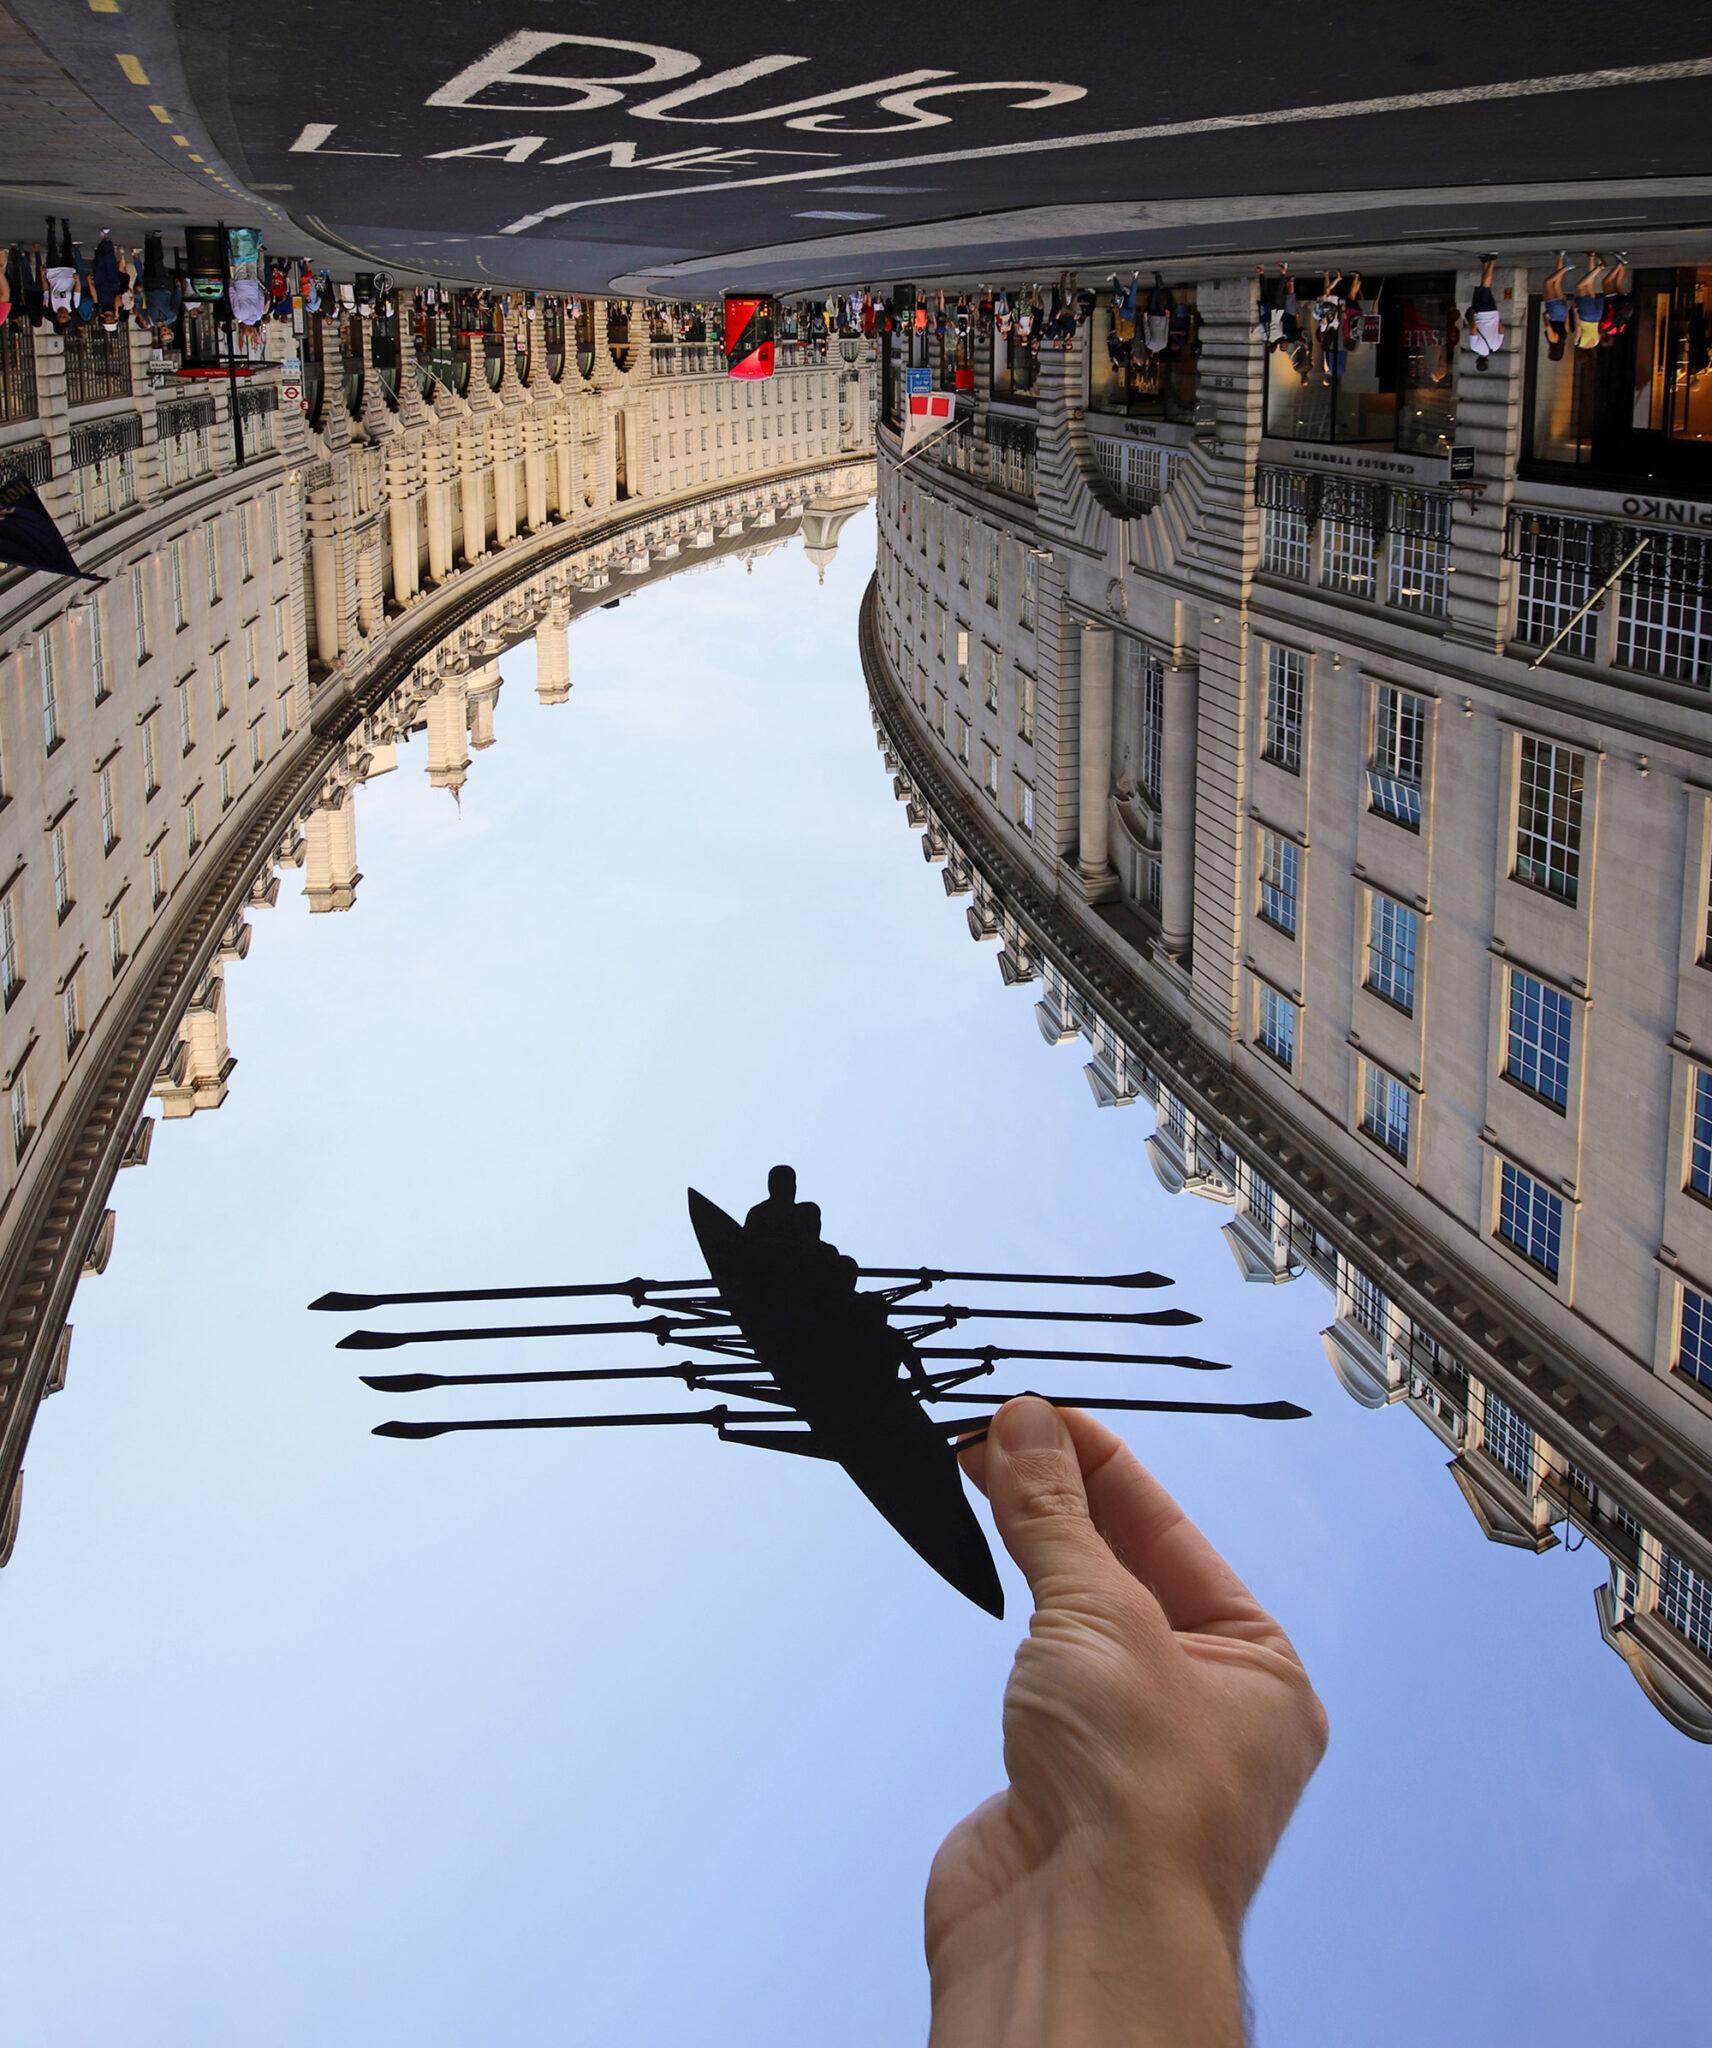 Paperboyo artista cria cenas divertidas com recortes de papel em arquitetura 3